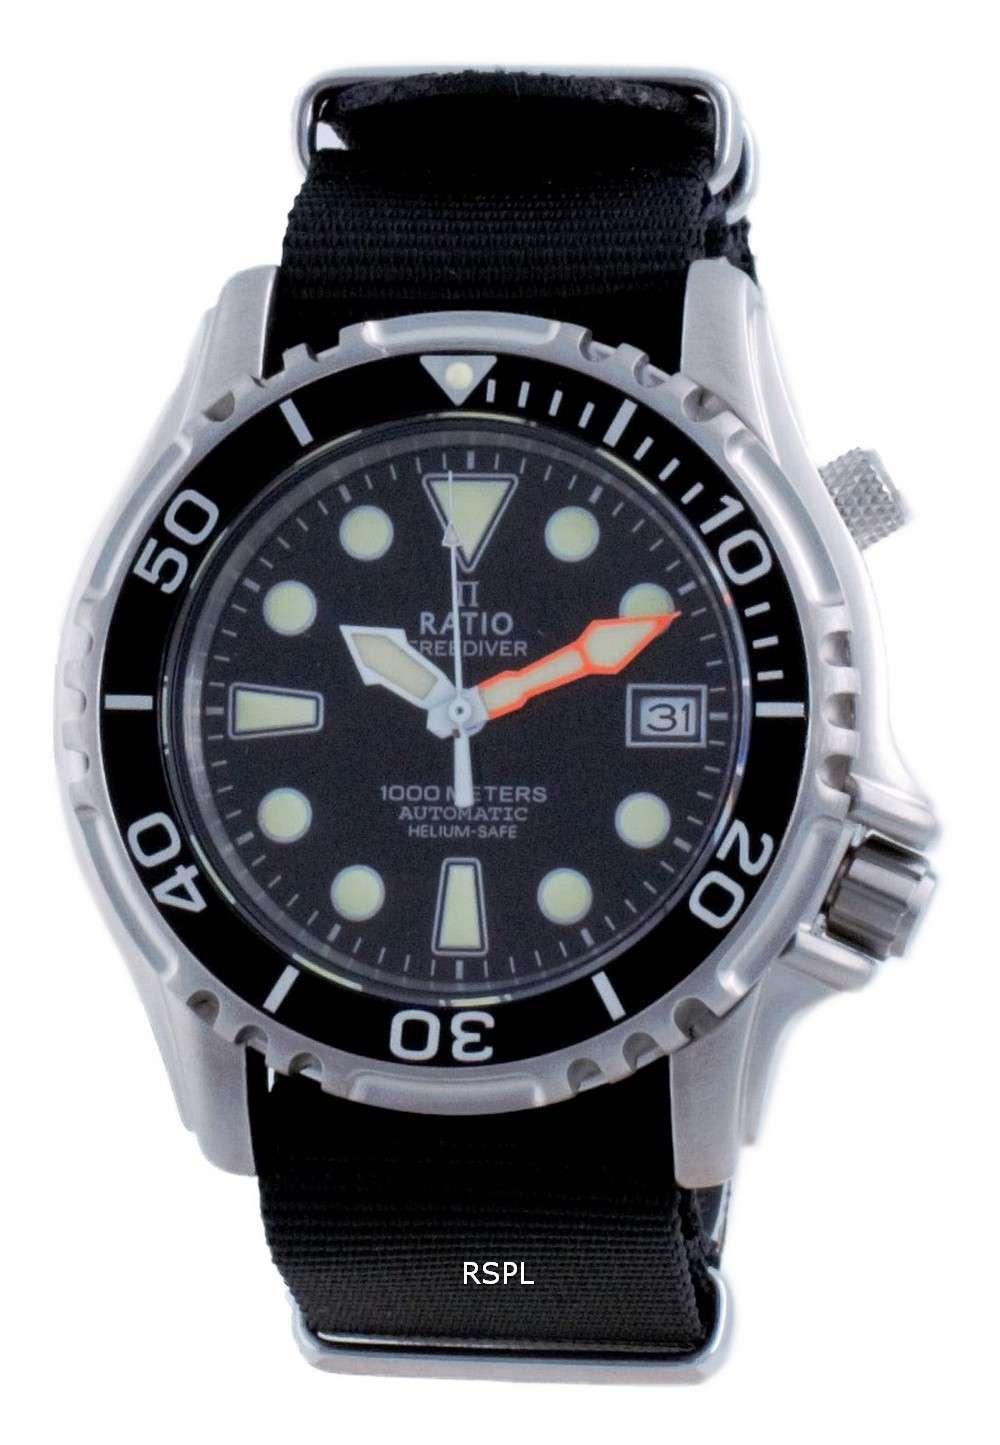 Ratio Free Diver Helium Safe Nylon Automatic Diver&#39,s 1066KE20-33VA-BLK-var-NATO4 1000M Reloj para hombre